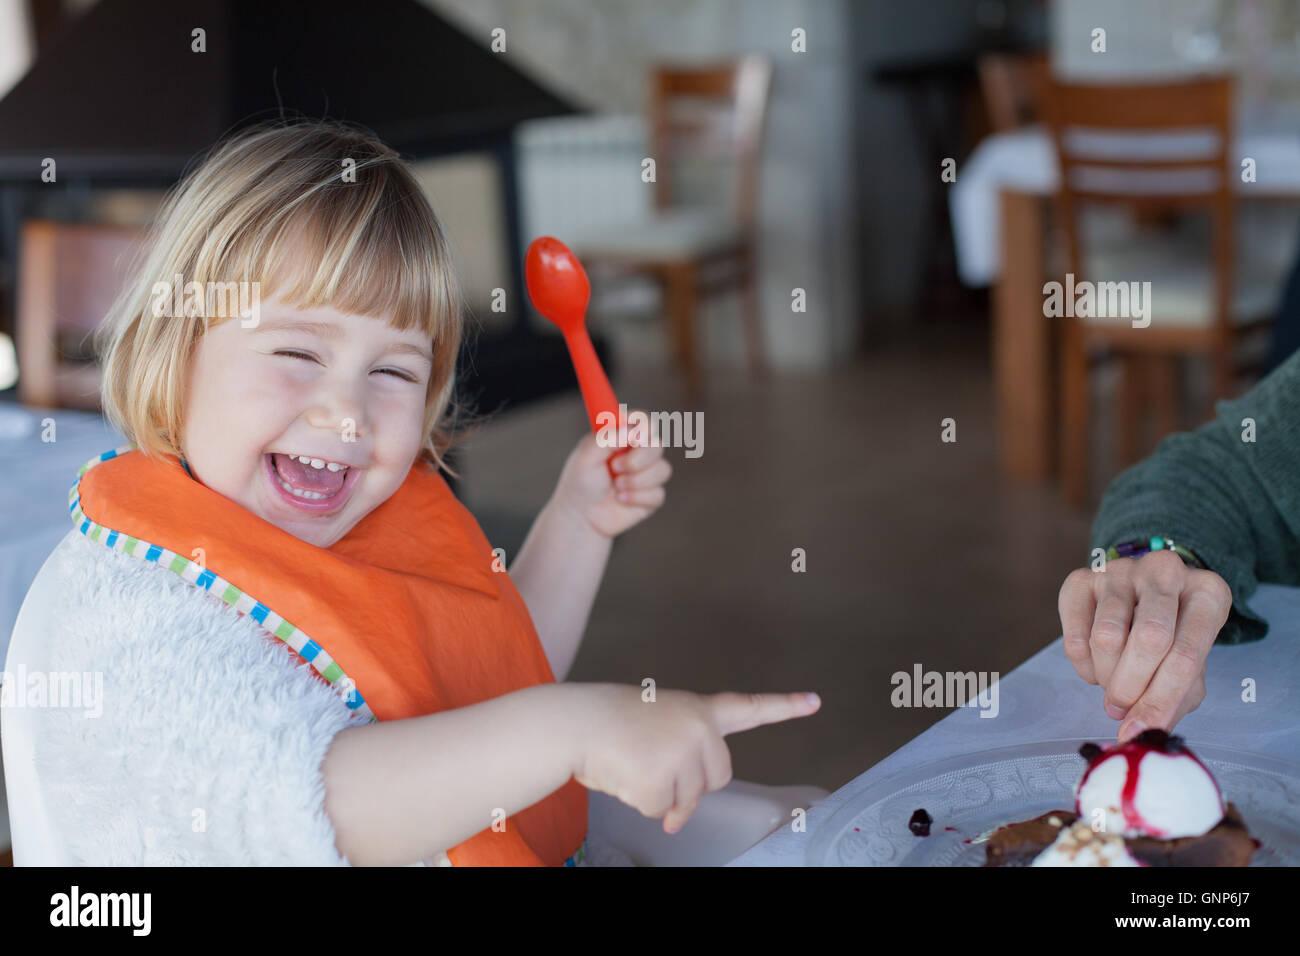 Dos años divertidas y niño feliz con cuchara de plástico naranja y bib riendo y señalando con Imagen De Stock